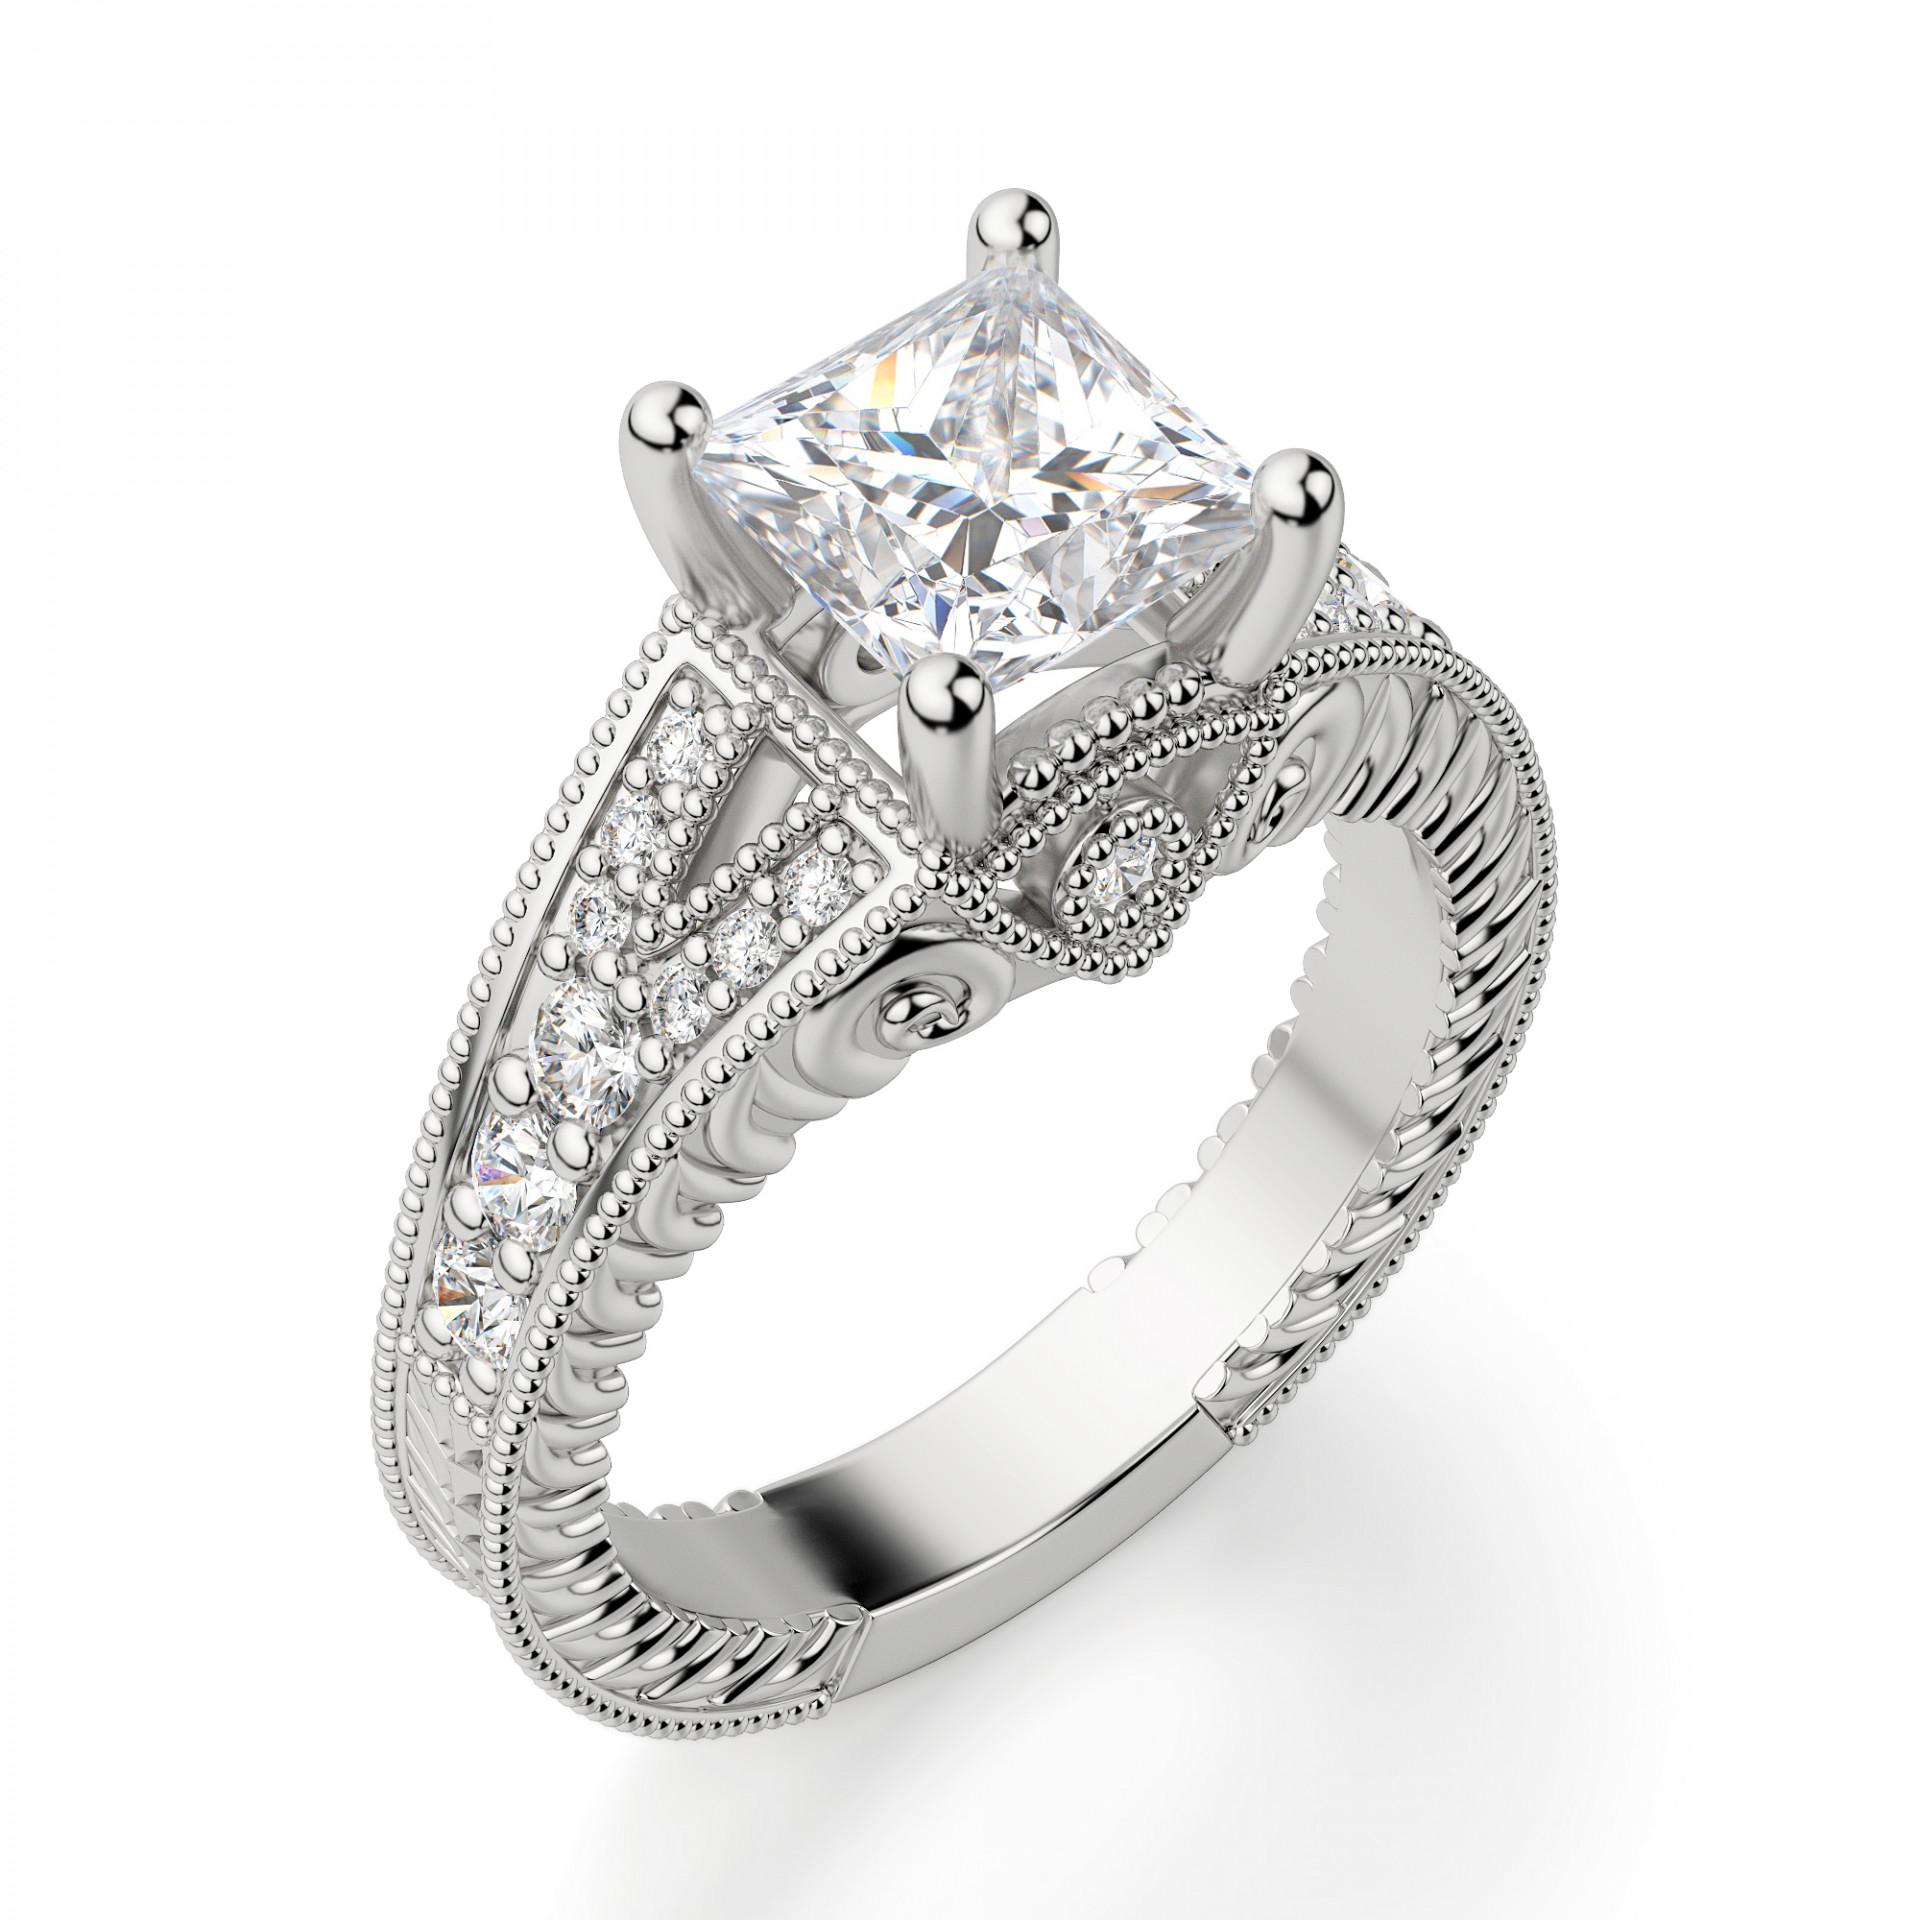 Wedding Ring Princess Cut | Valencia Princess Cut Engagement Ring